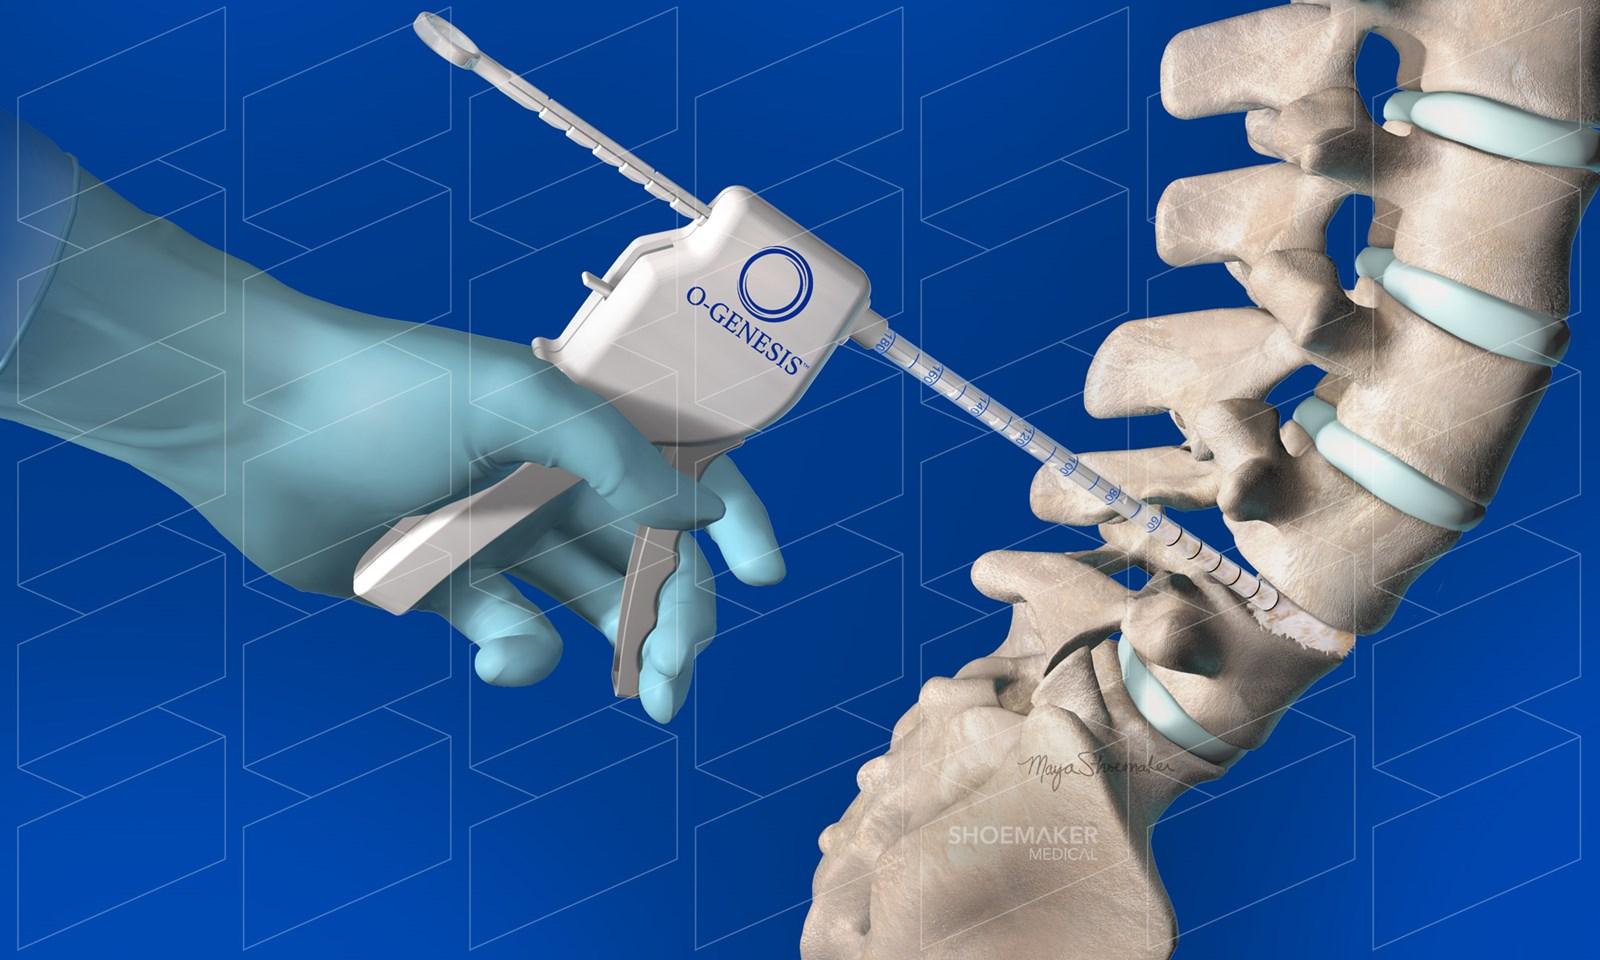 Biologics Applicator - Shoemaker Medical animation